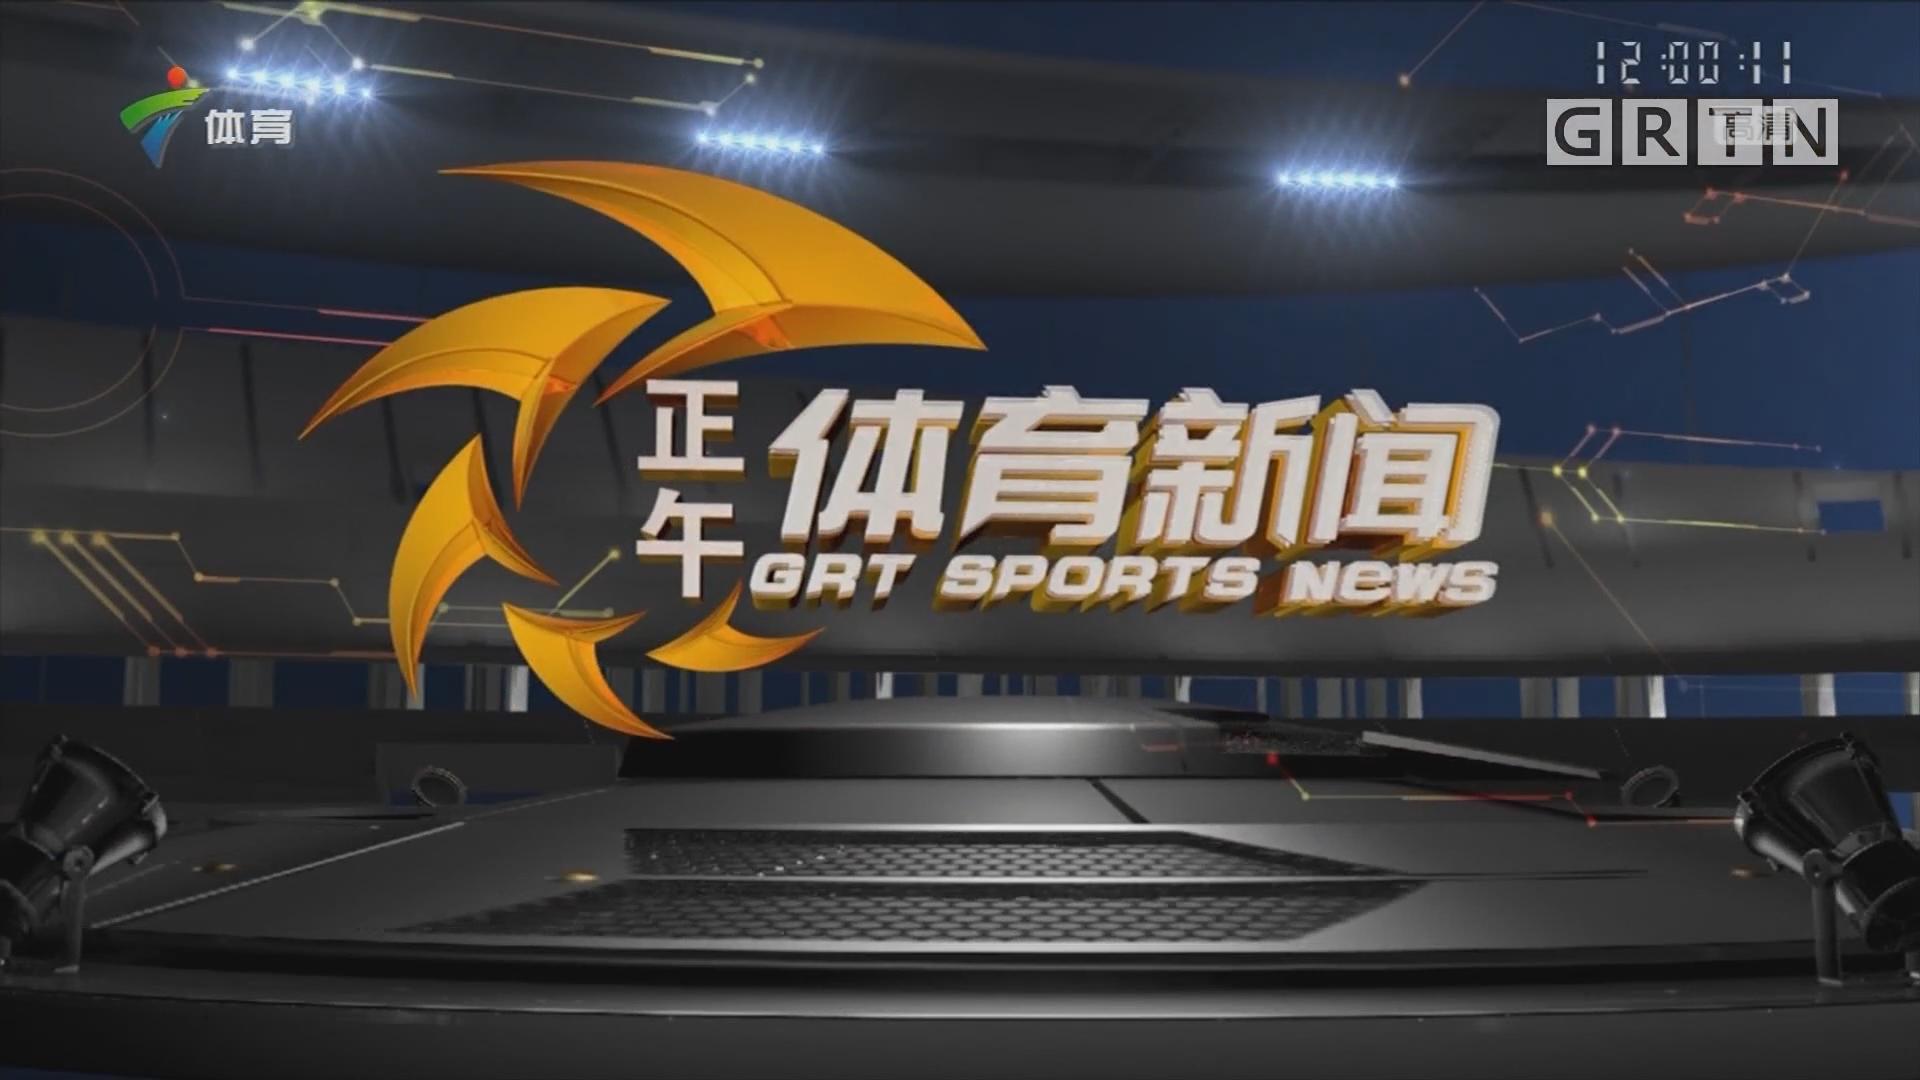 [HD][2019-01-07]正午体育新闻:省港杯 广东险胜占先机